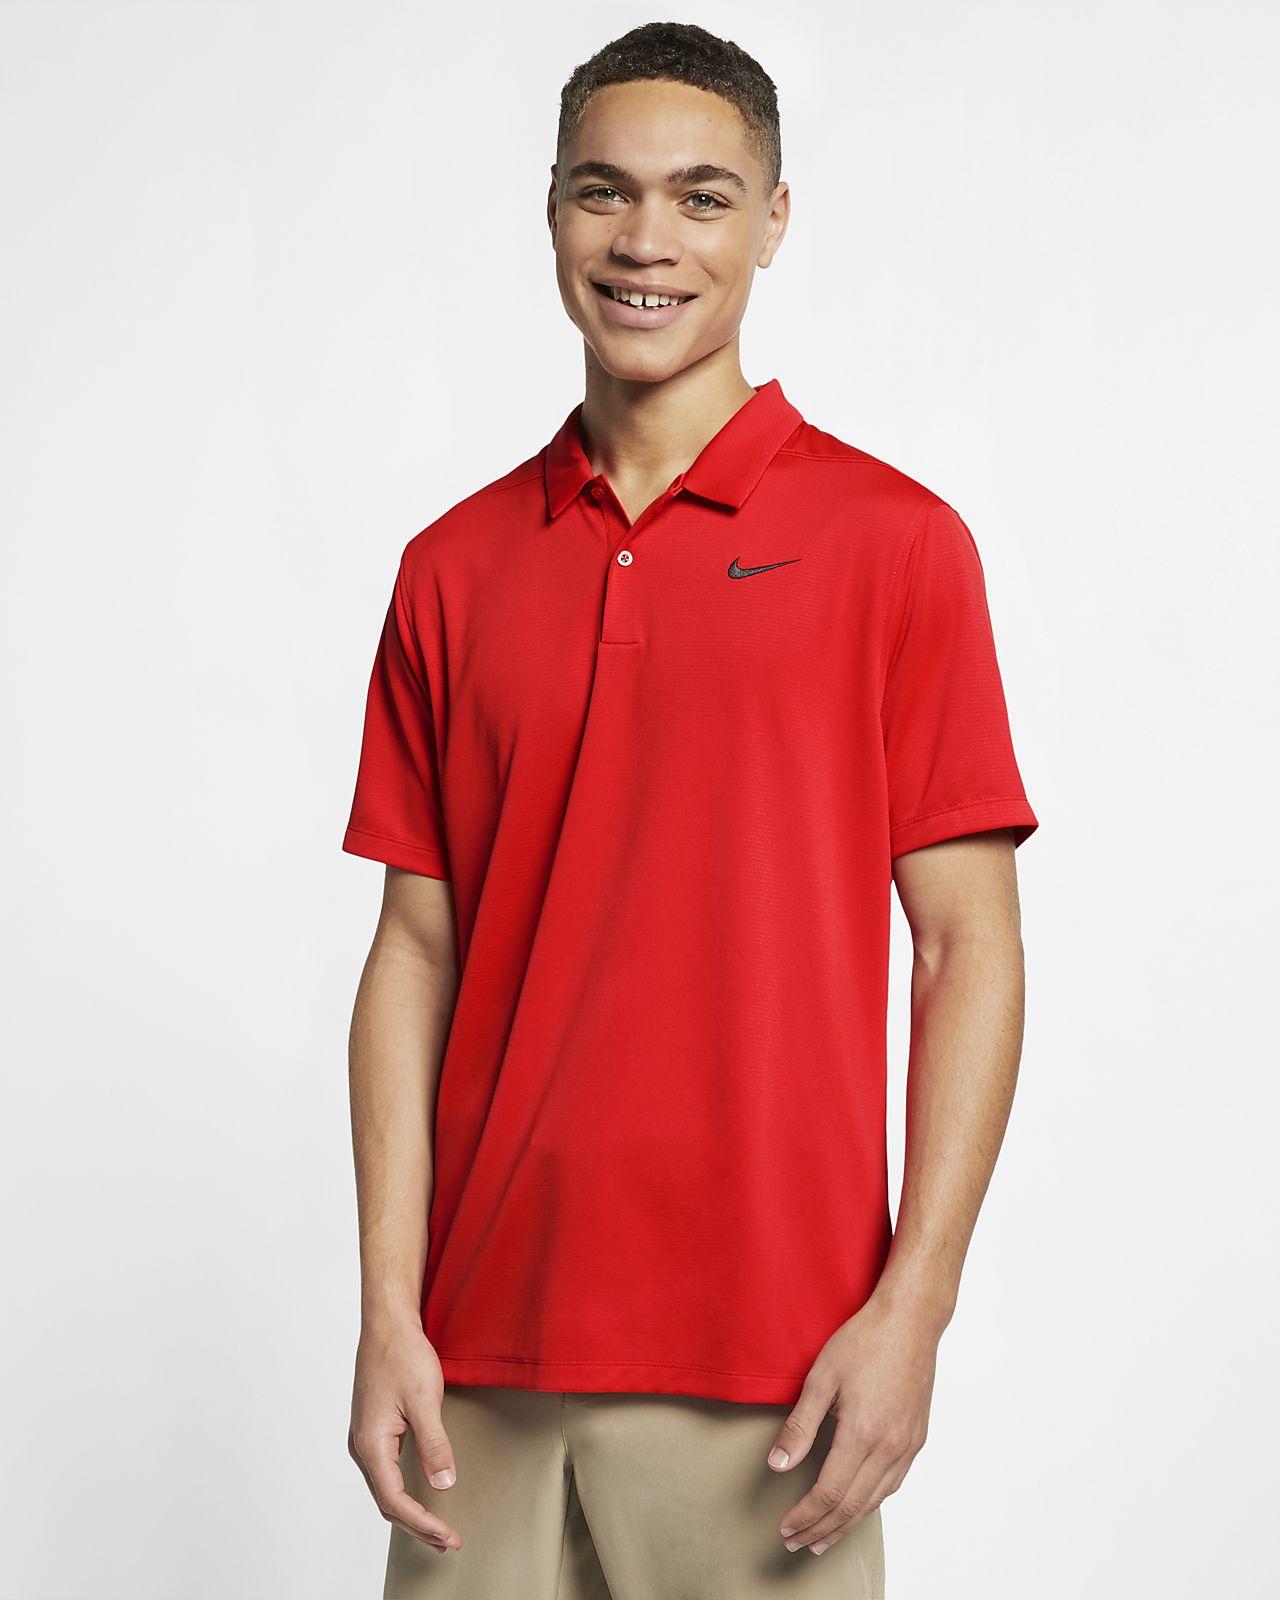 Nike Dri-FIT Golfpolo voor heren